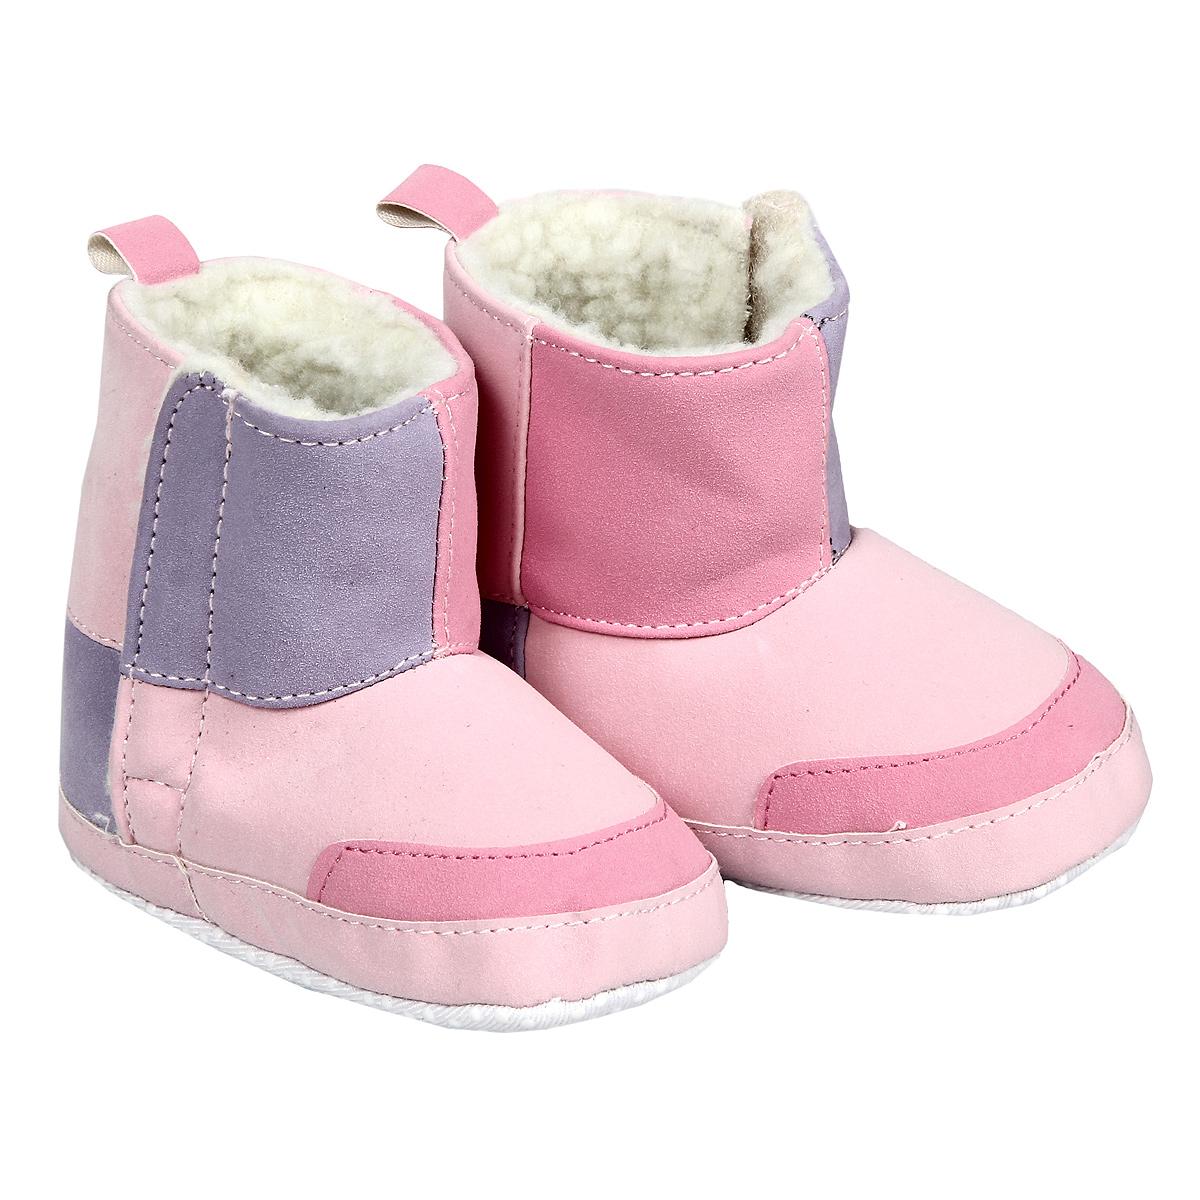 Пинетки11787Пинетки для девочки Luvable Friends, стилизованные под Угги - это легкая, теплая и удобная обувь из искусственной замши с искусственным мехом. Застегиваются они сбоку на липучки. Стопа оформлена прорезиненным рельефным рисунком, благодаря которому ребенок не будет скользить. Лоскутный дизайн привлекает внимание и делает угги особенно уютными. Такие пинетки - отличное решение для каждодневного использования дома в прохладную погоду!